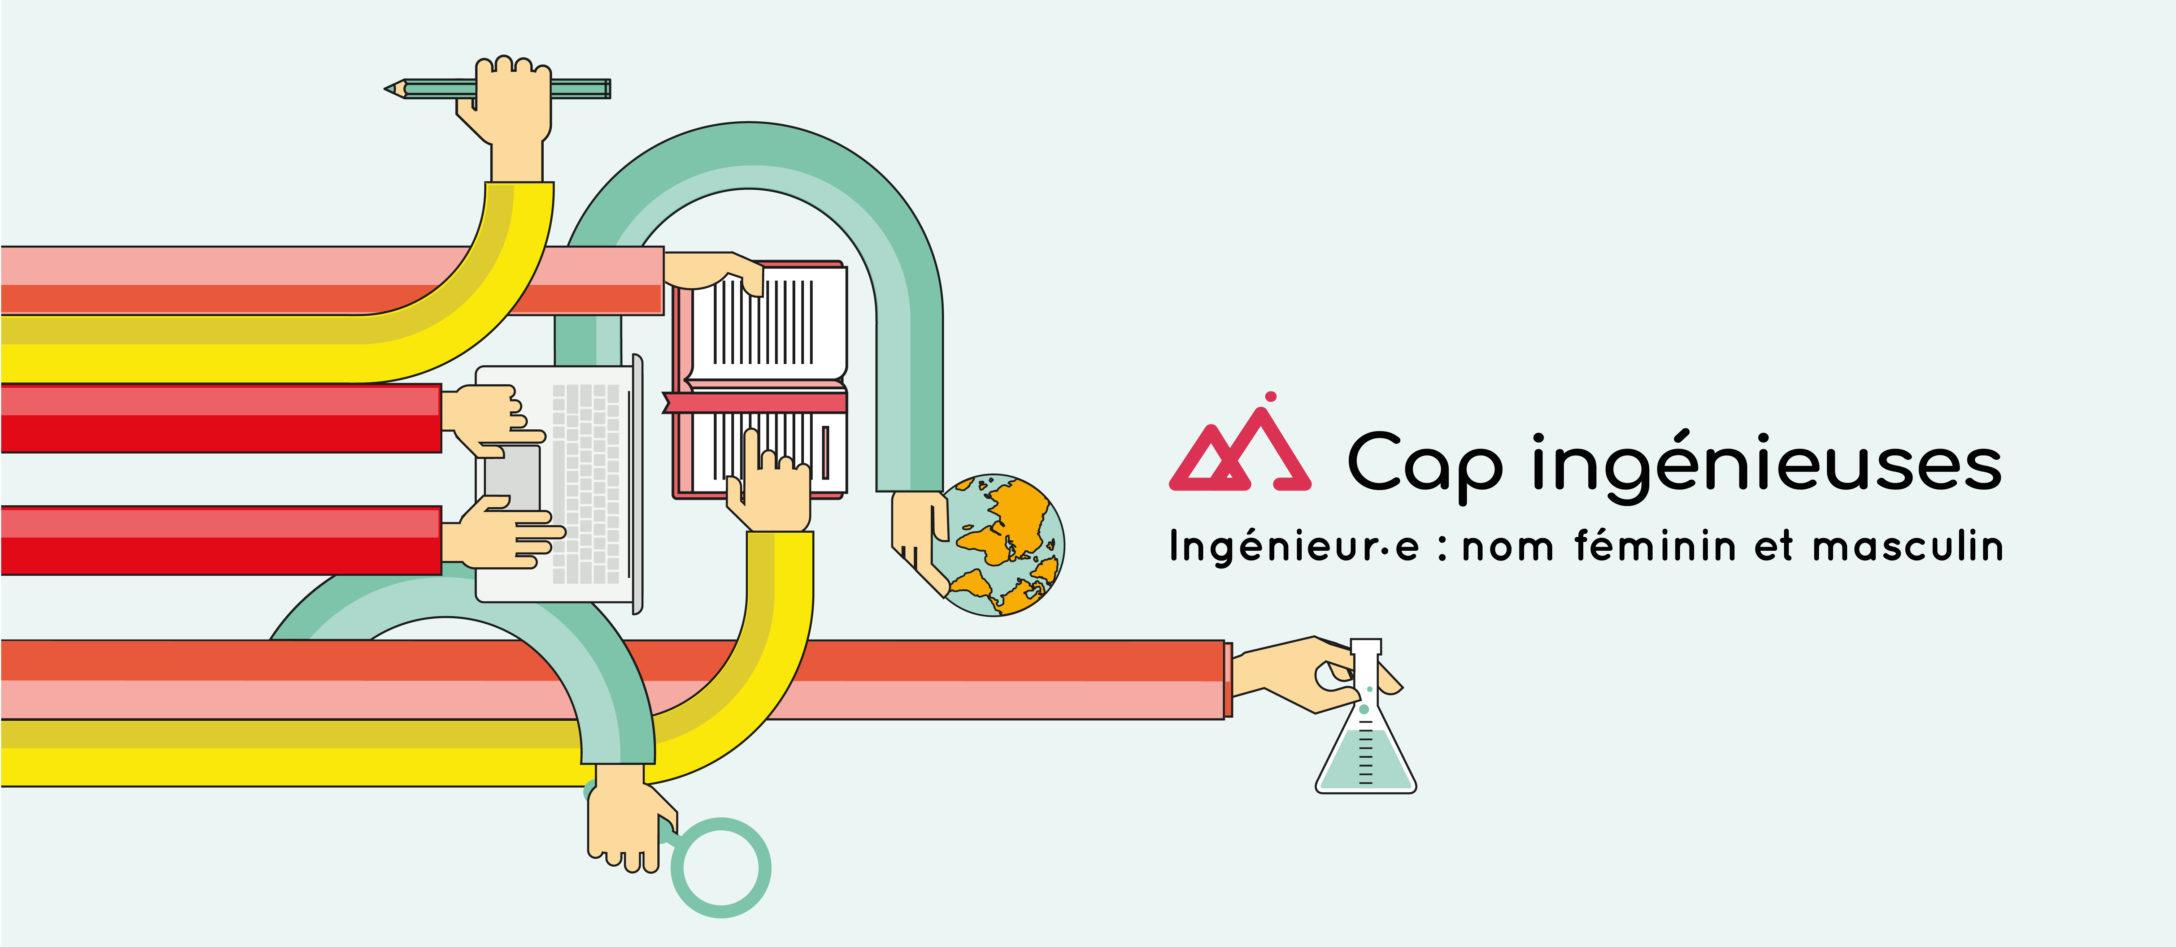 La CDEFI lance le label Cap Ingénieuses